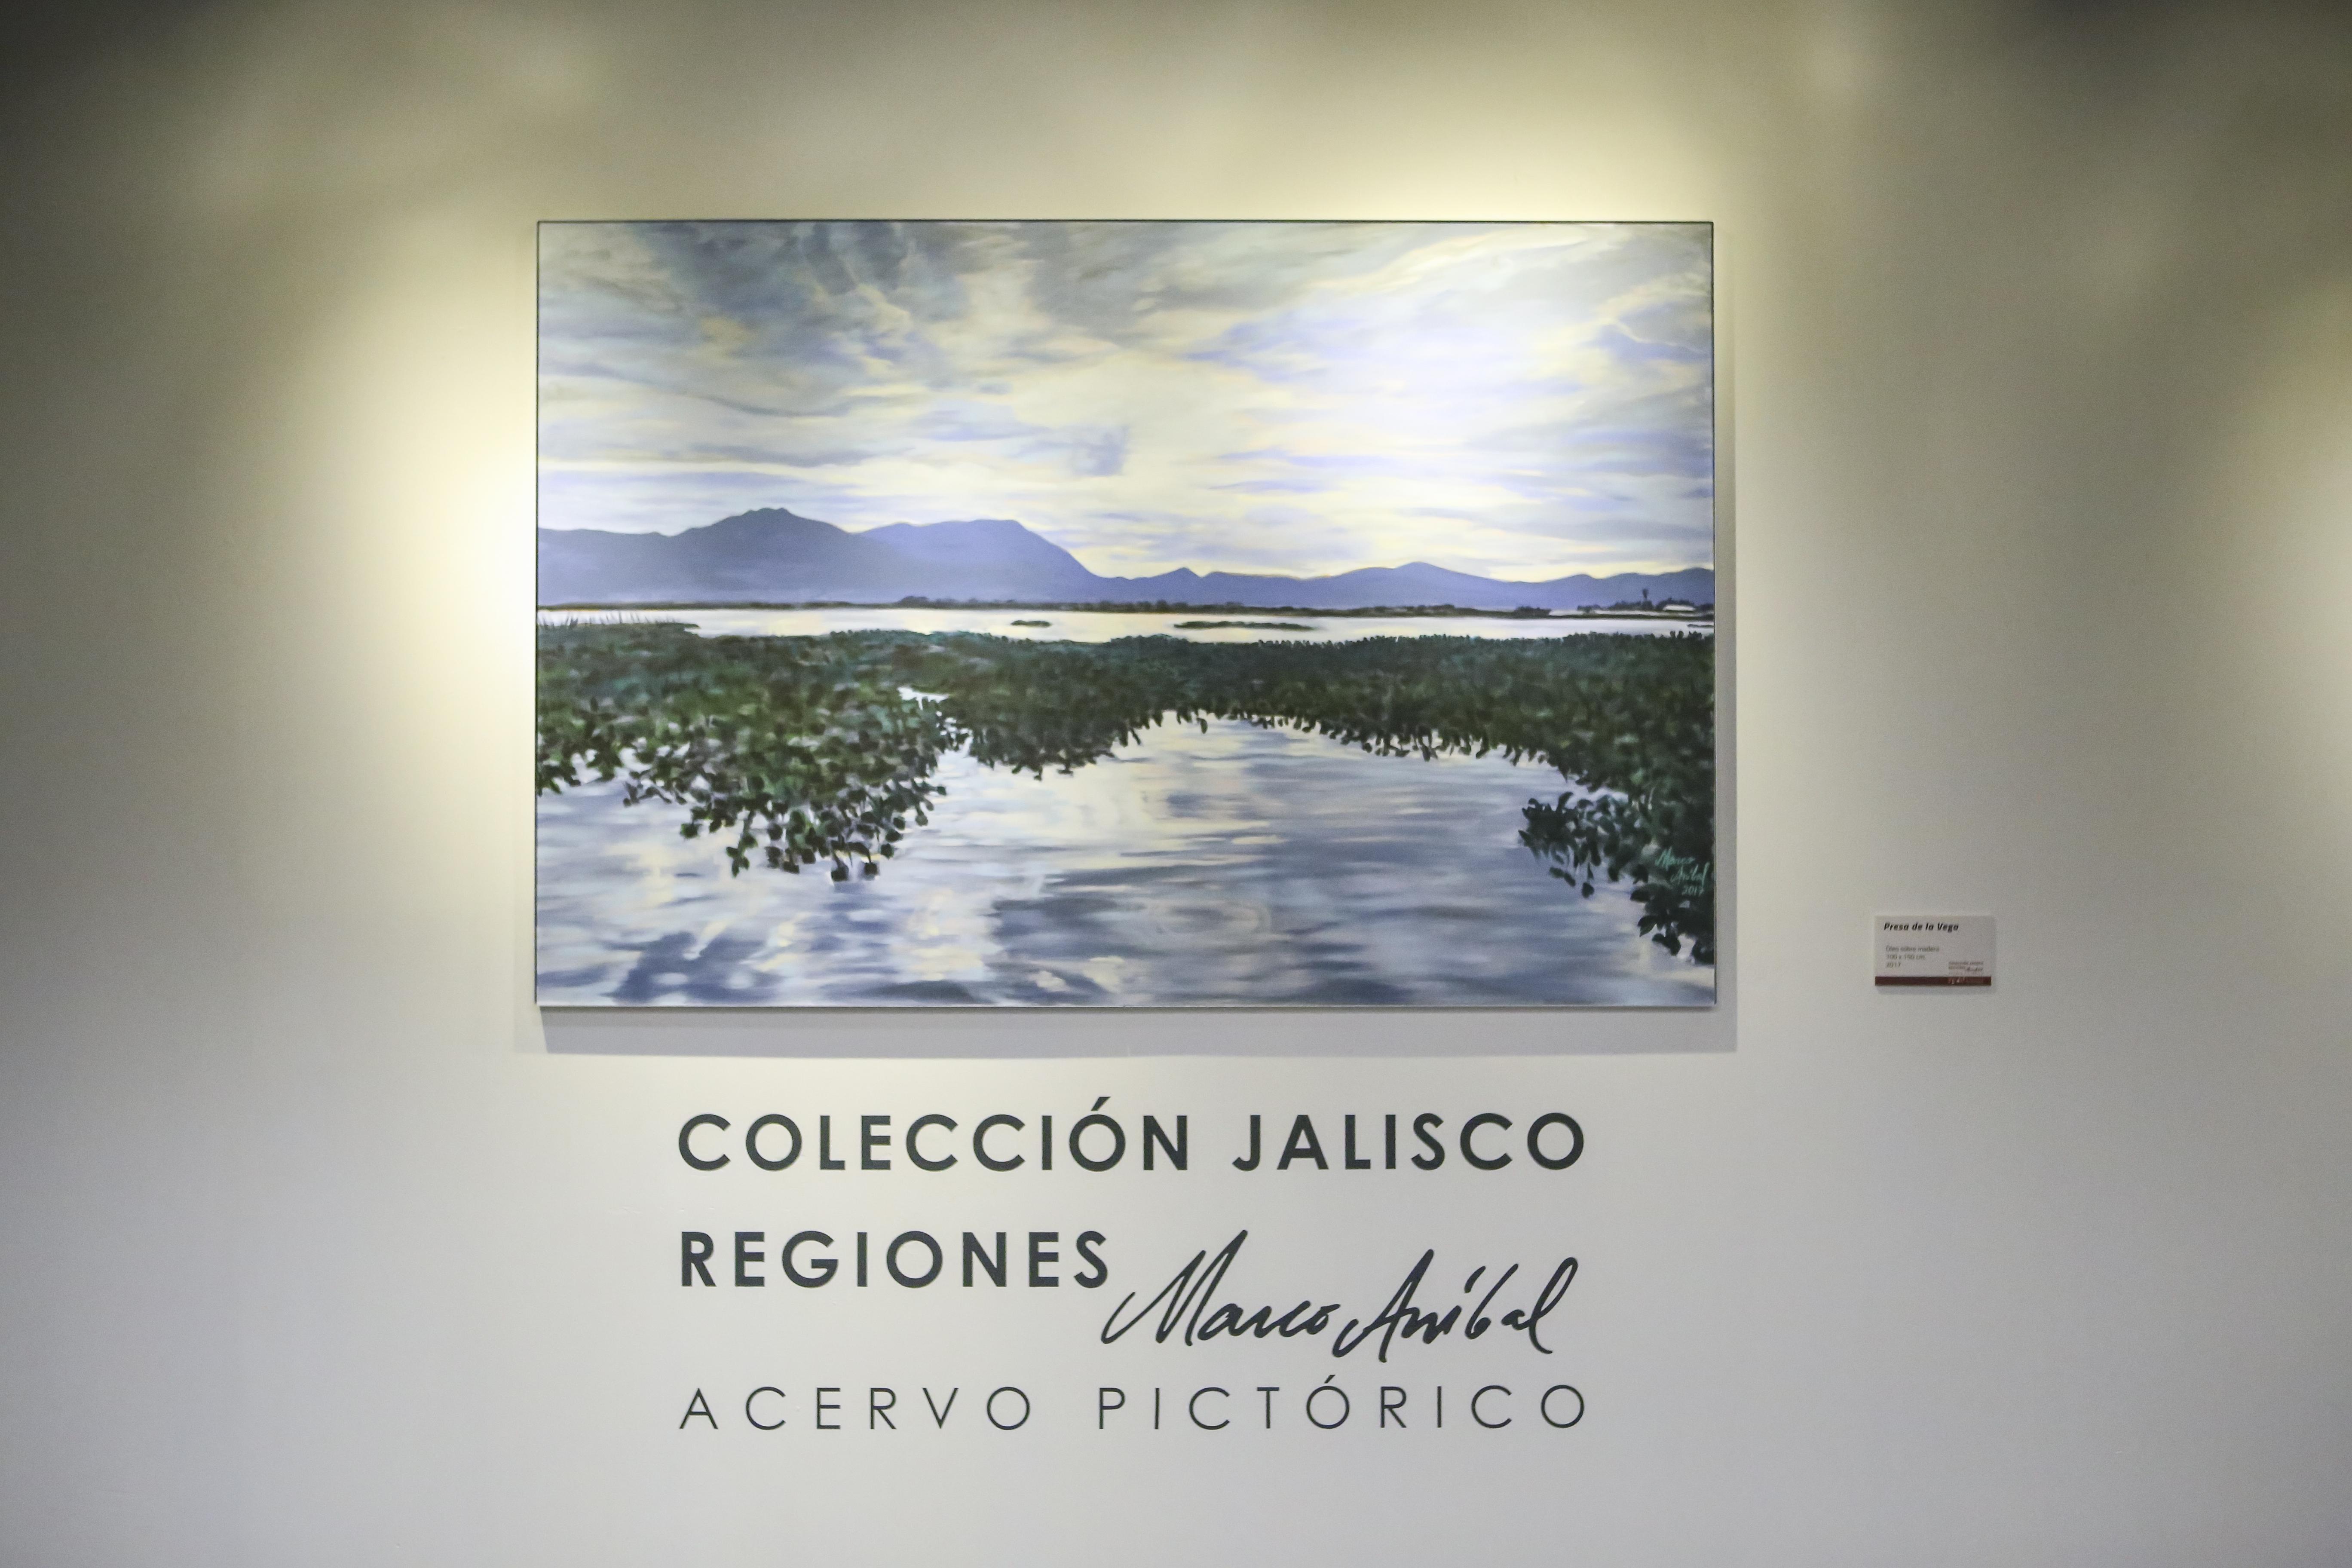 """Portada de exposición pictórica """"Colección Jalisco regiones"""", por el artista tapatío Marco Aníbal."""